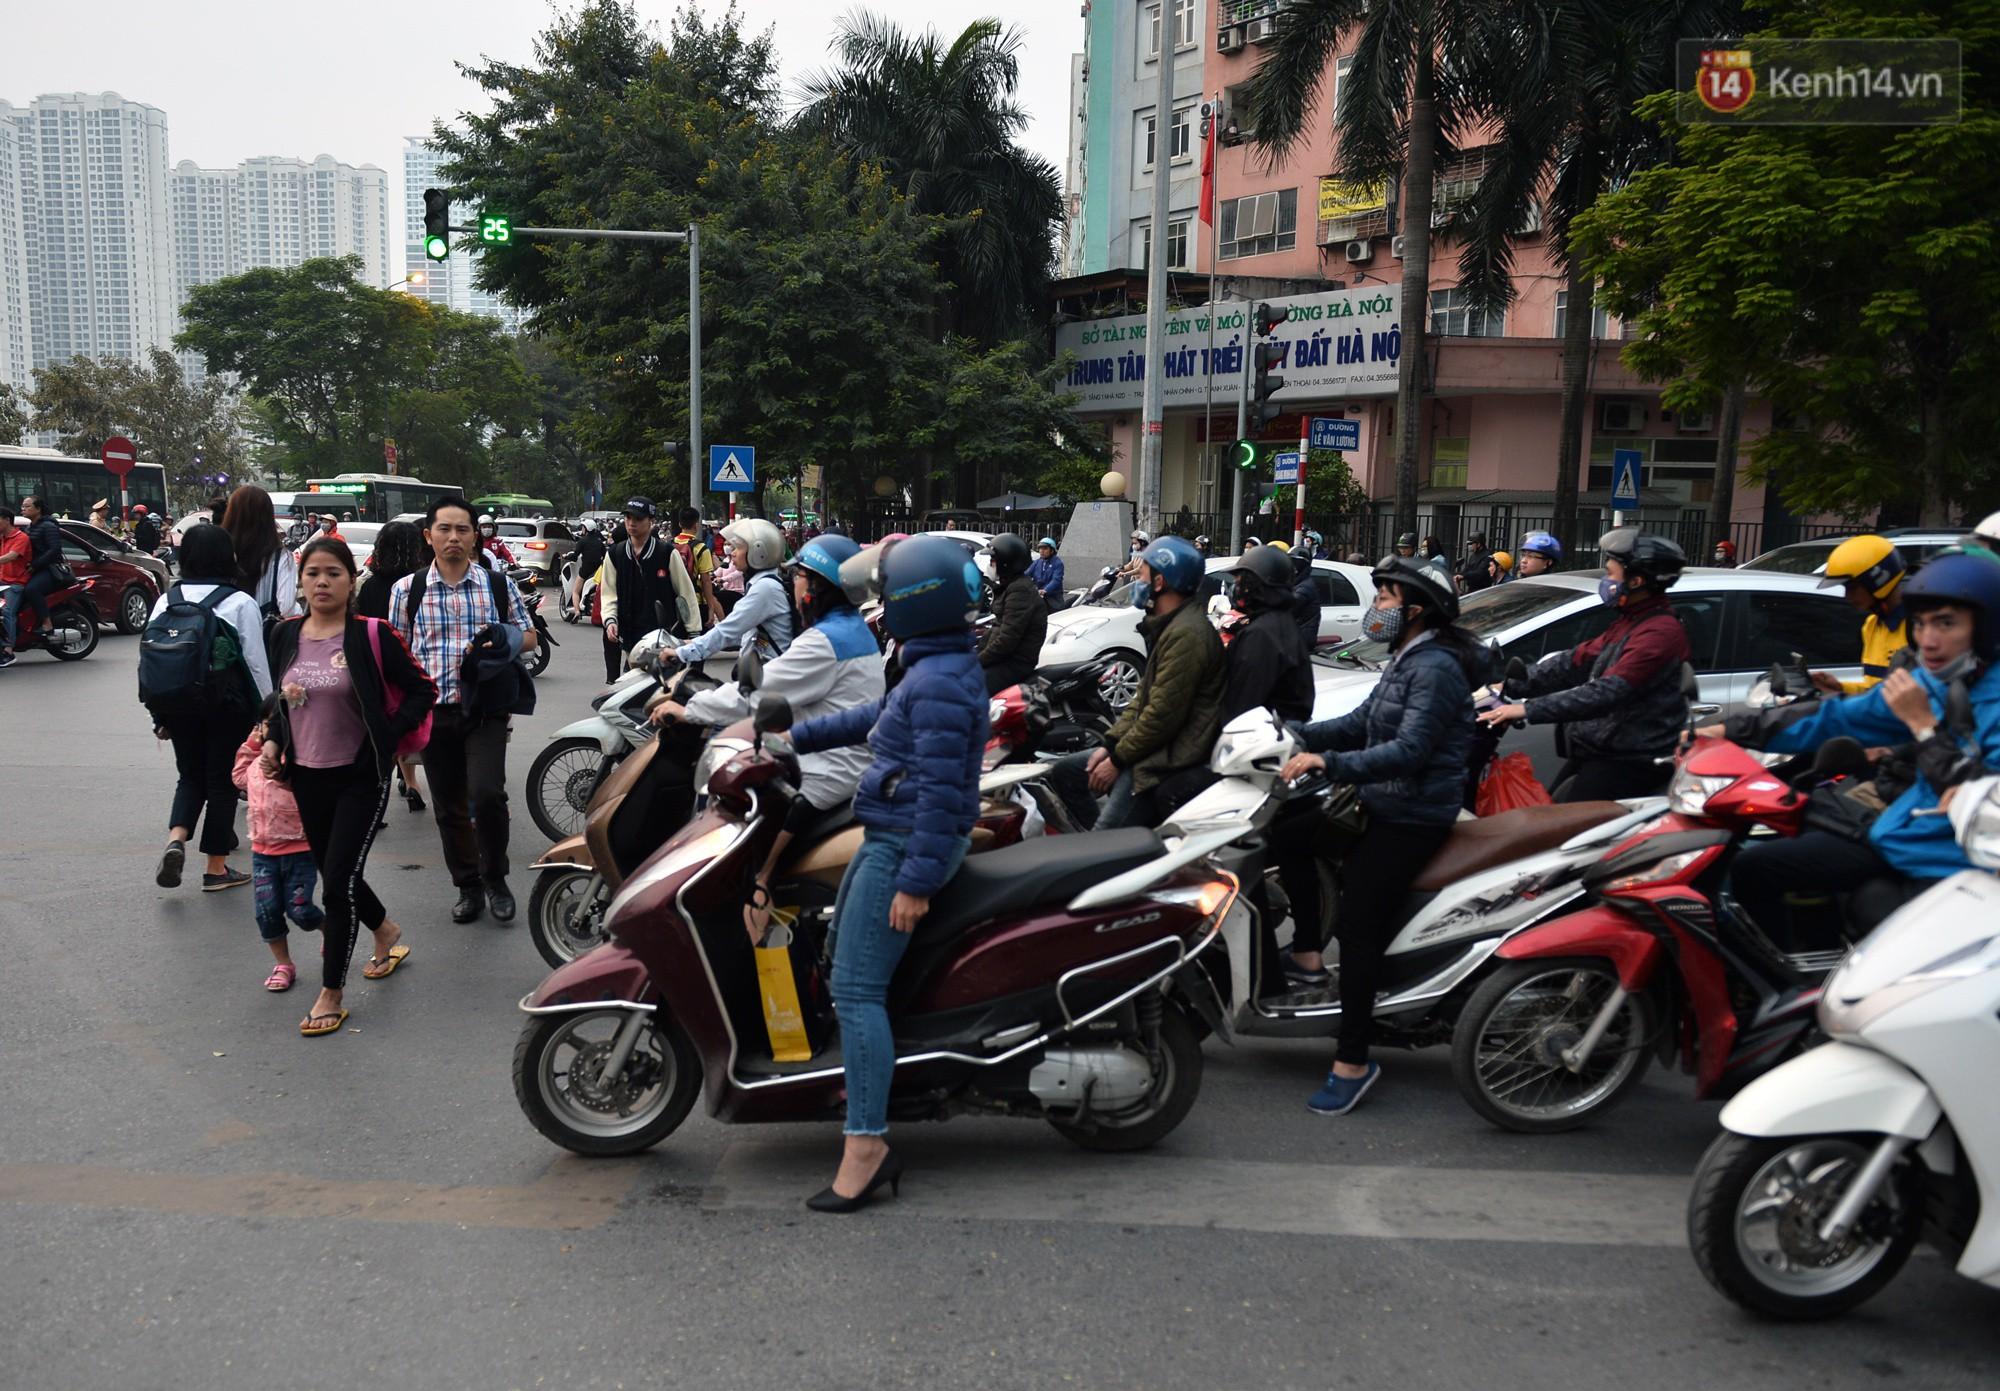 Chùm ảnh: Đây là cảnh tượng diễn ra mỗi ngày trên tuyến đường Hà Nội dự kiến cấm xe máy vào giờ cao điểm - Ảnh 7.